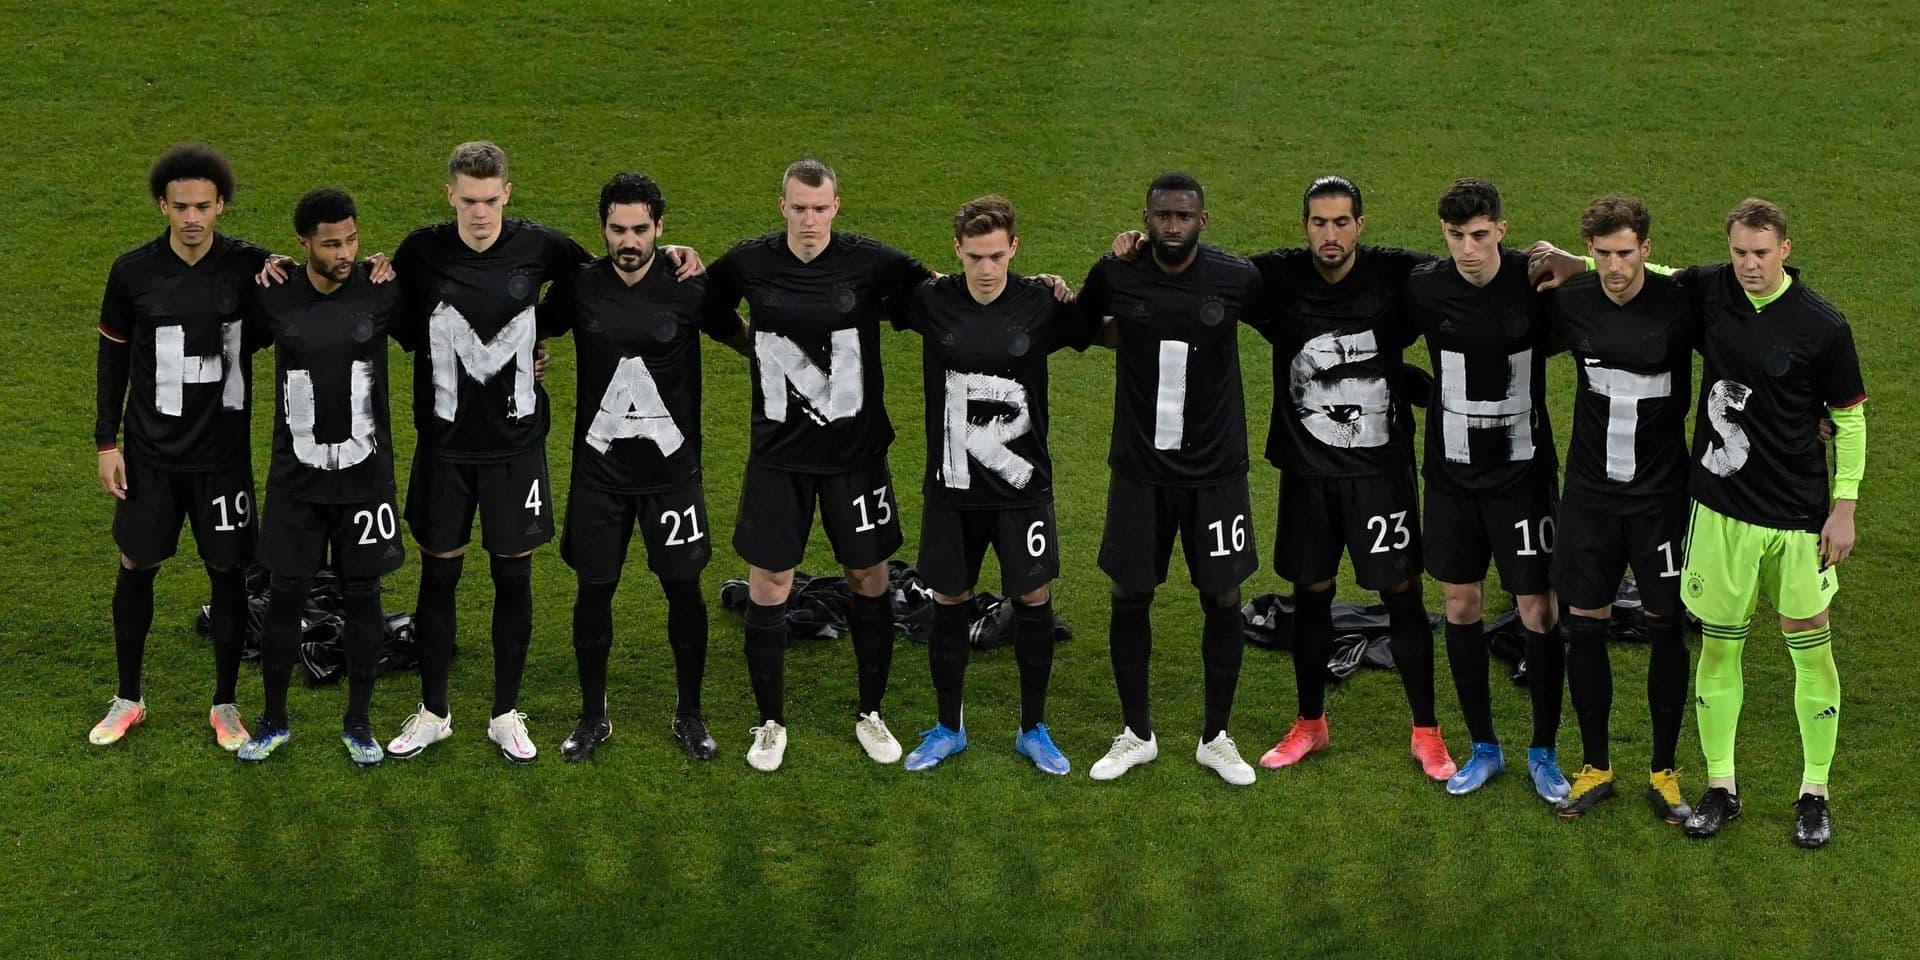 Le 25 mars, les joueurs allemands affichaient leur souci du respect des Droits de l'homme avant le match de football de qualification pour la Coupe du Monde de la Fifa au Qatar en 2022.